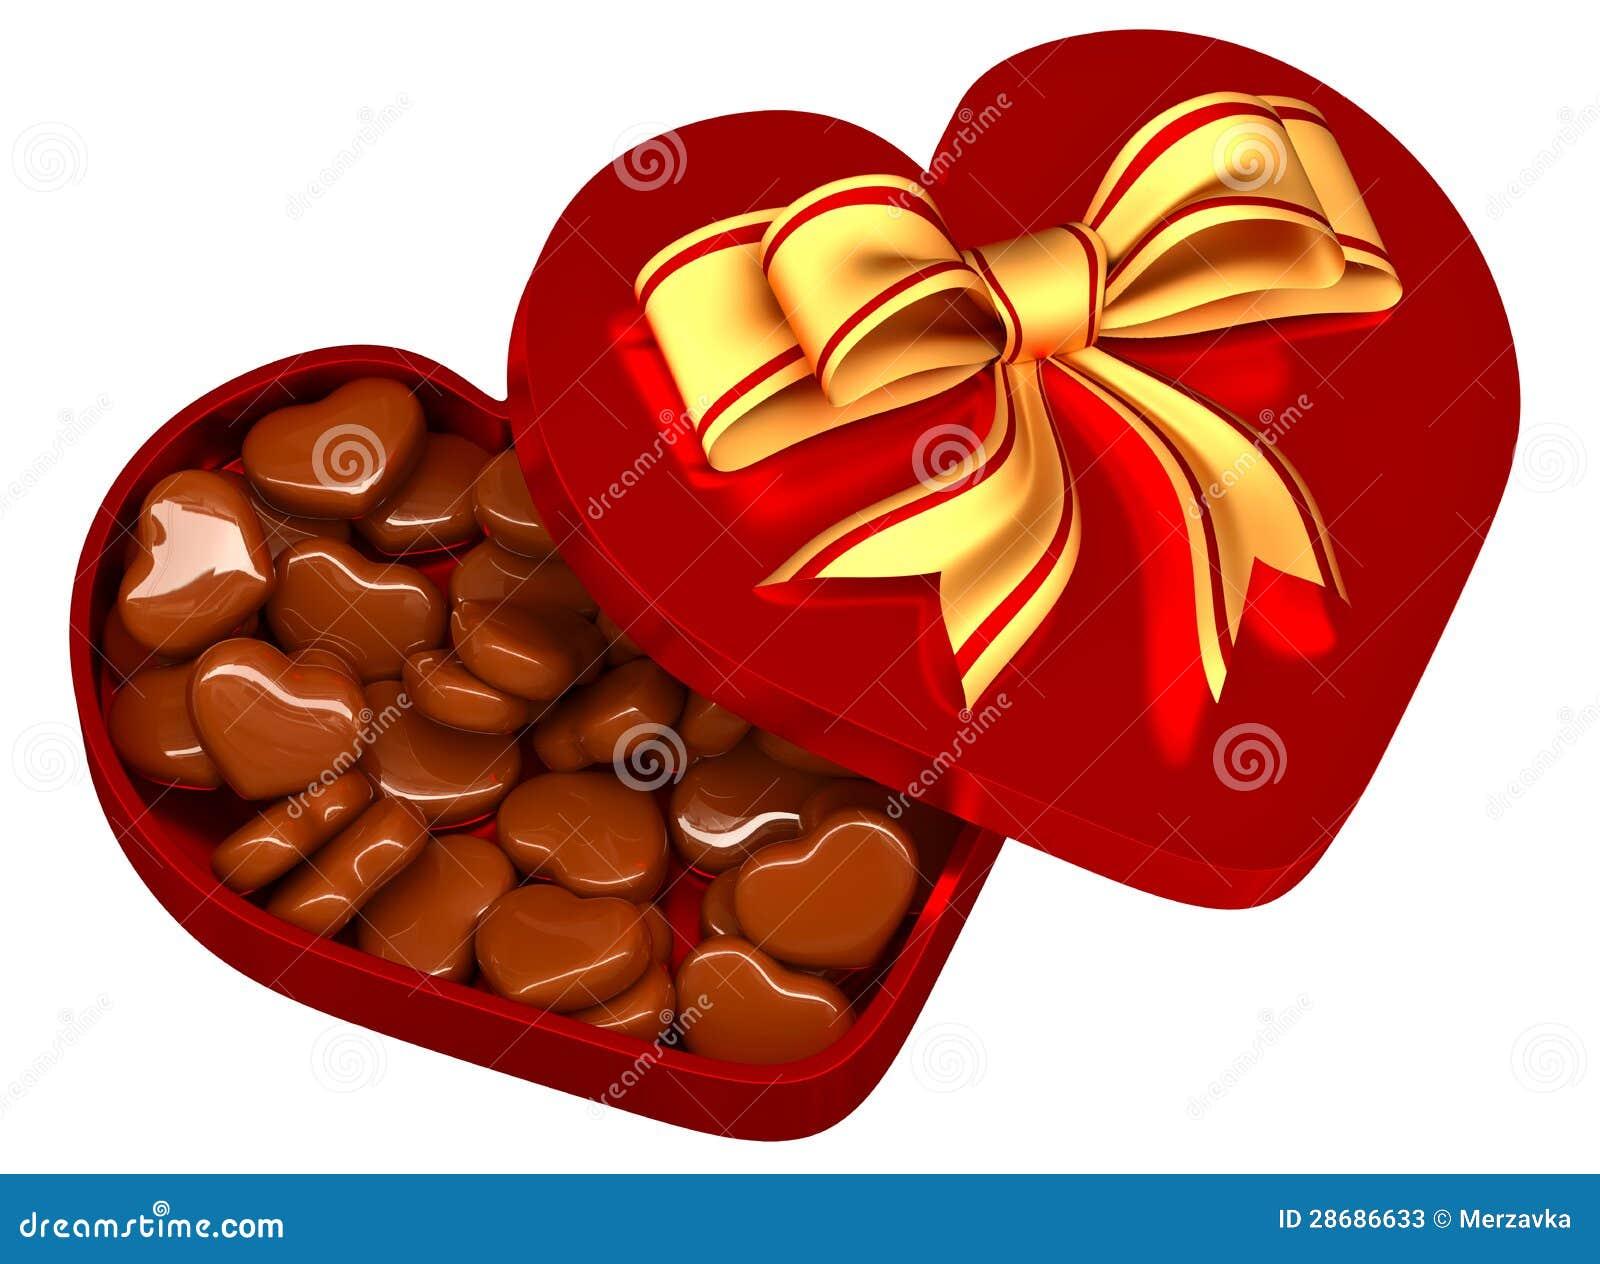 chocolat dans un cadre comme cadeau pour la saint valentin photos stock image 28686633. Black Bedroom Furniture Sets. Home Design Ideas